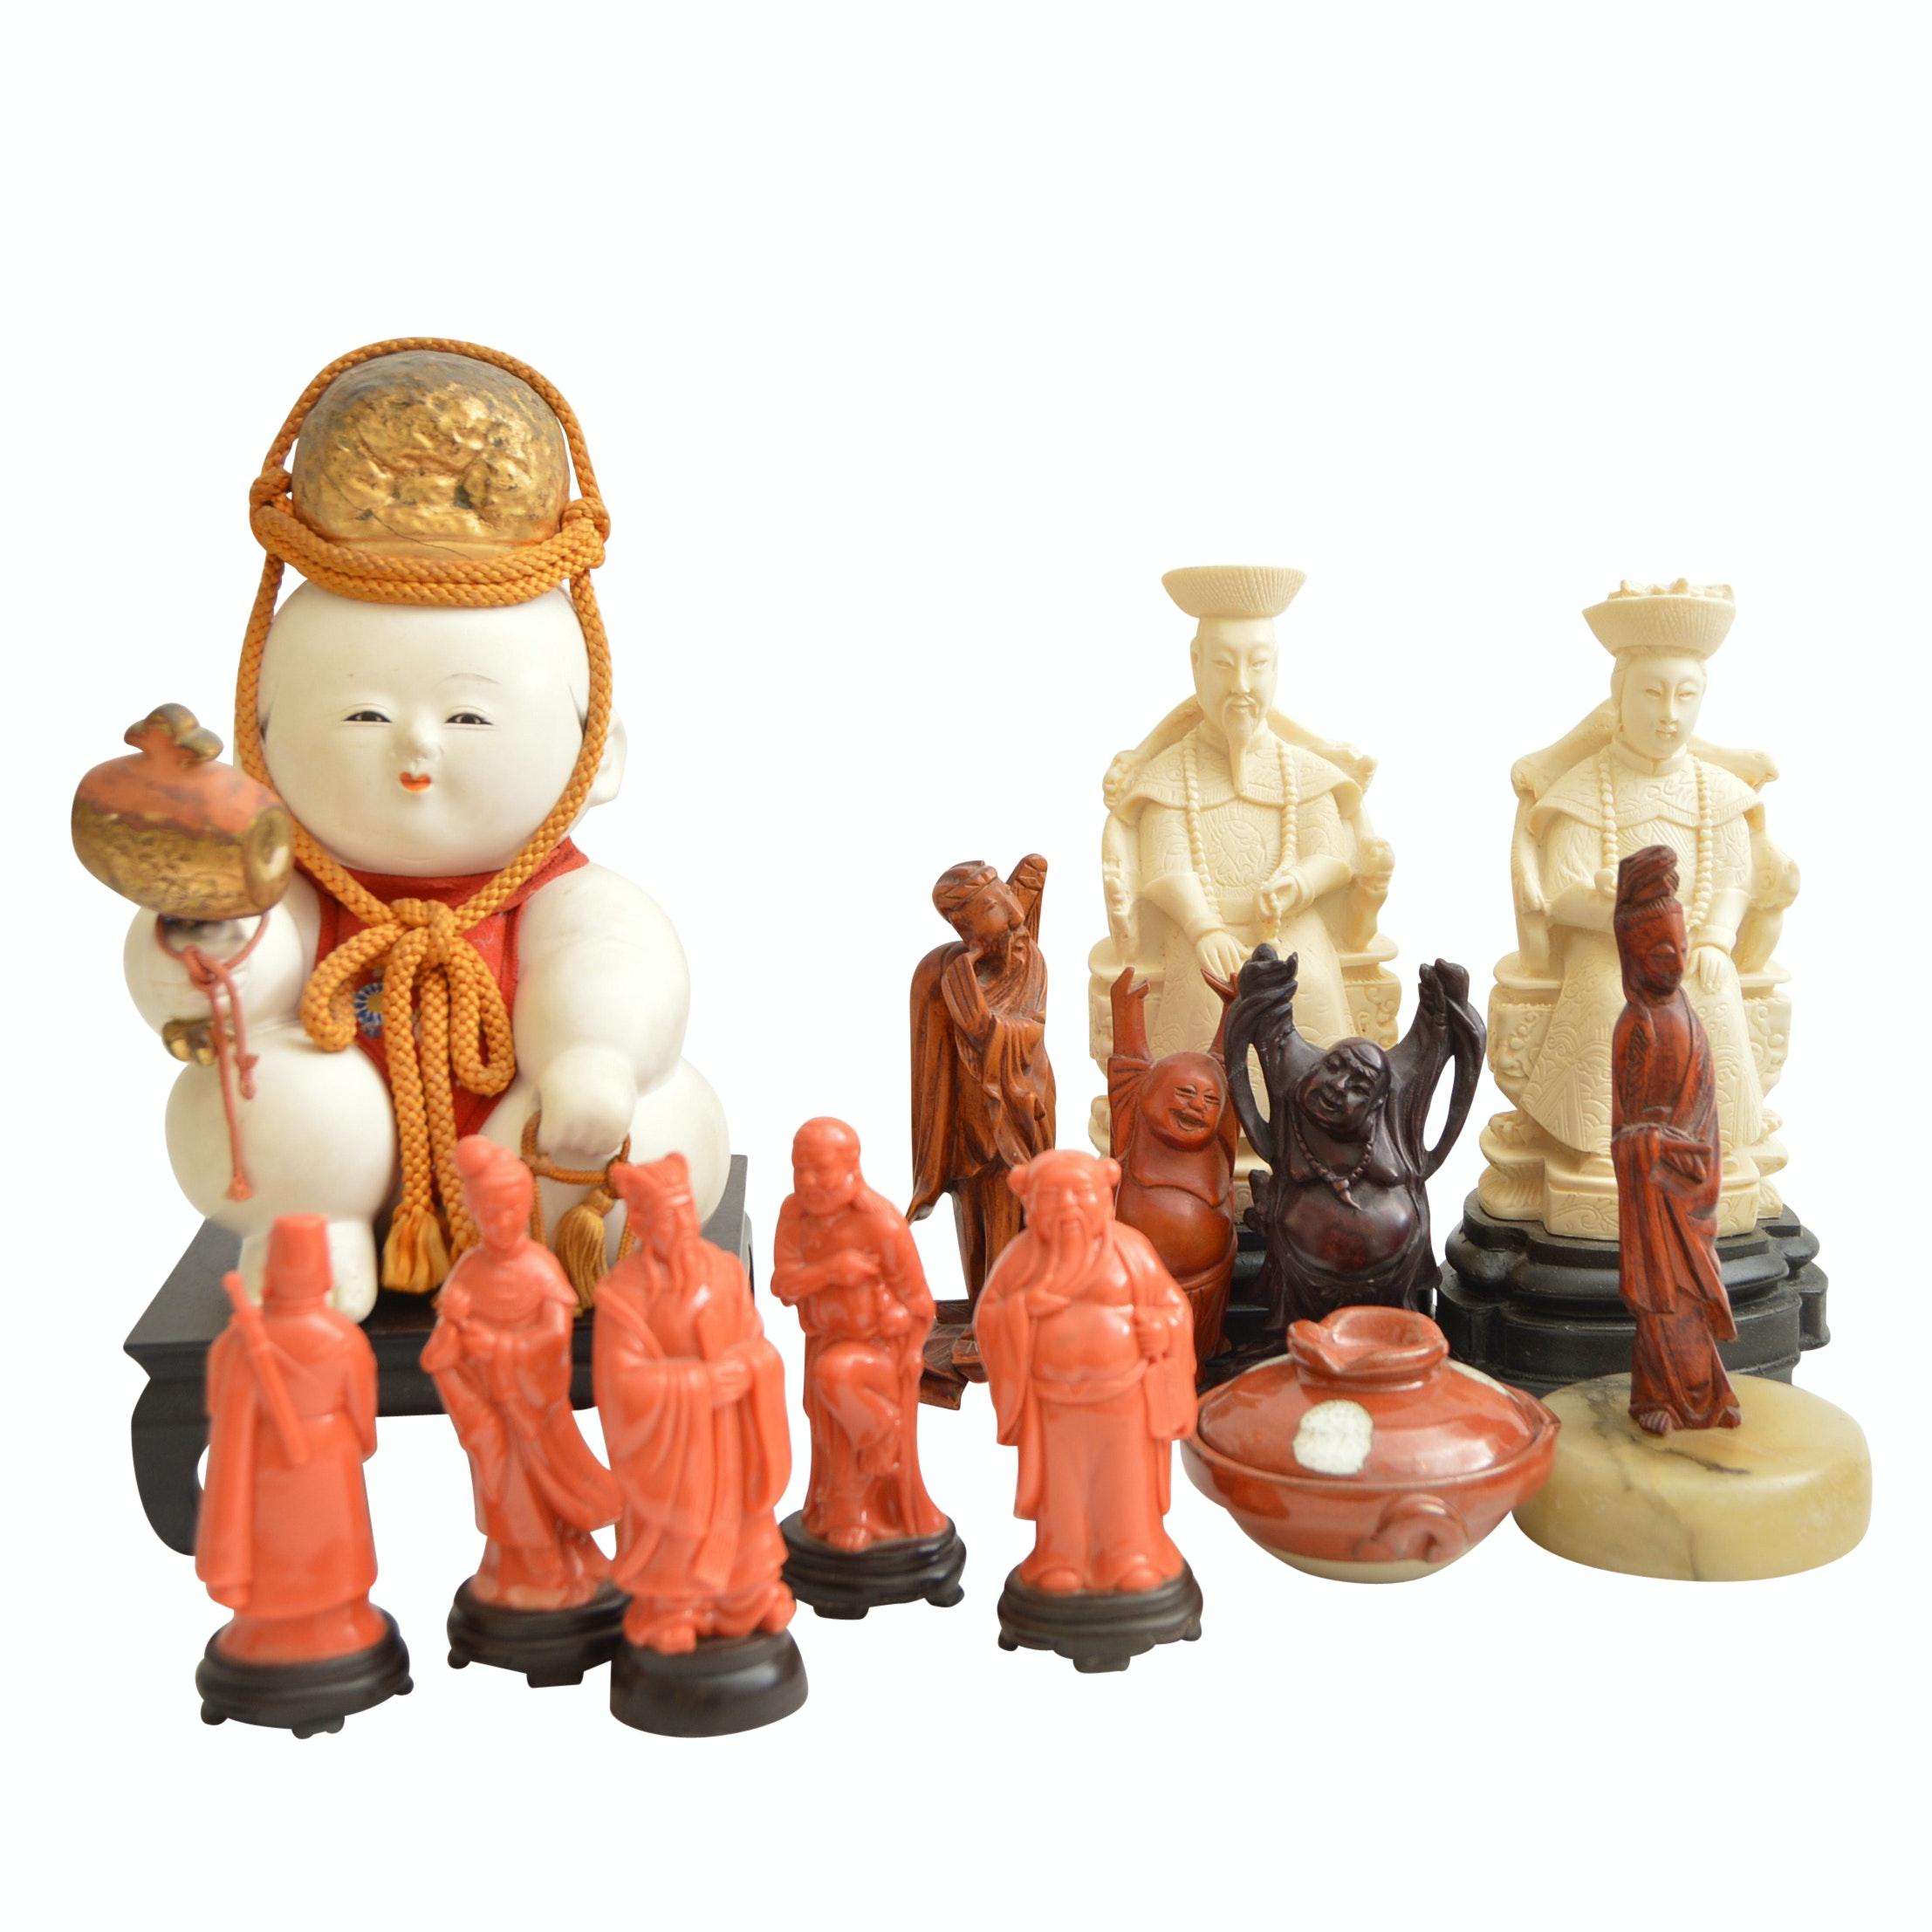 Vintage East Asian Figurines